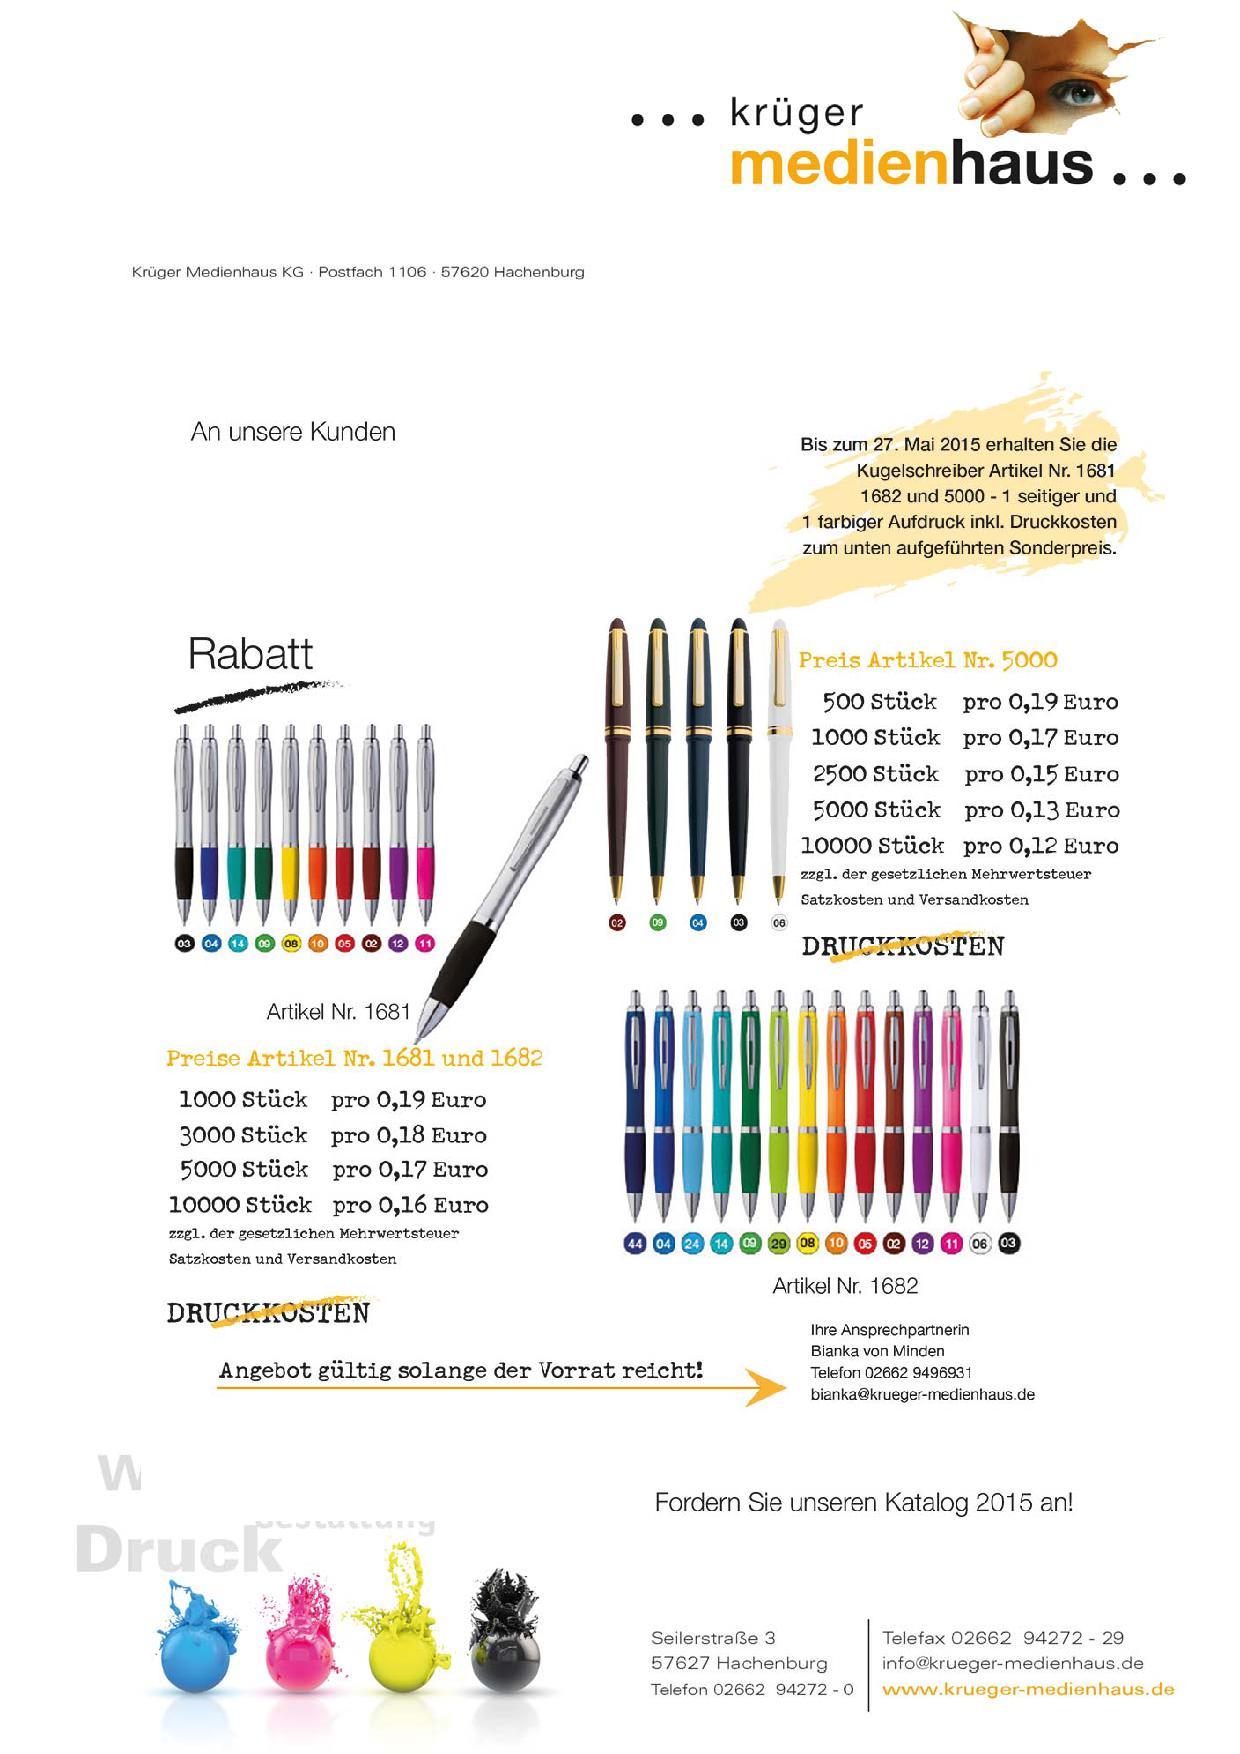 Krueger-Kugelschreiber-Werbung